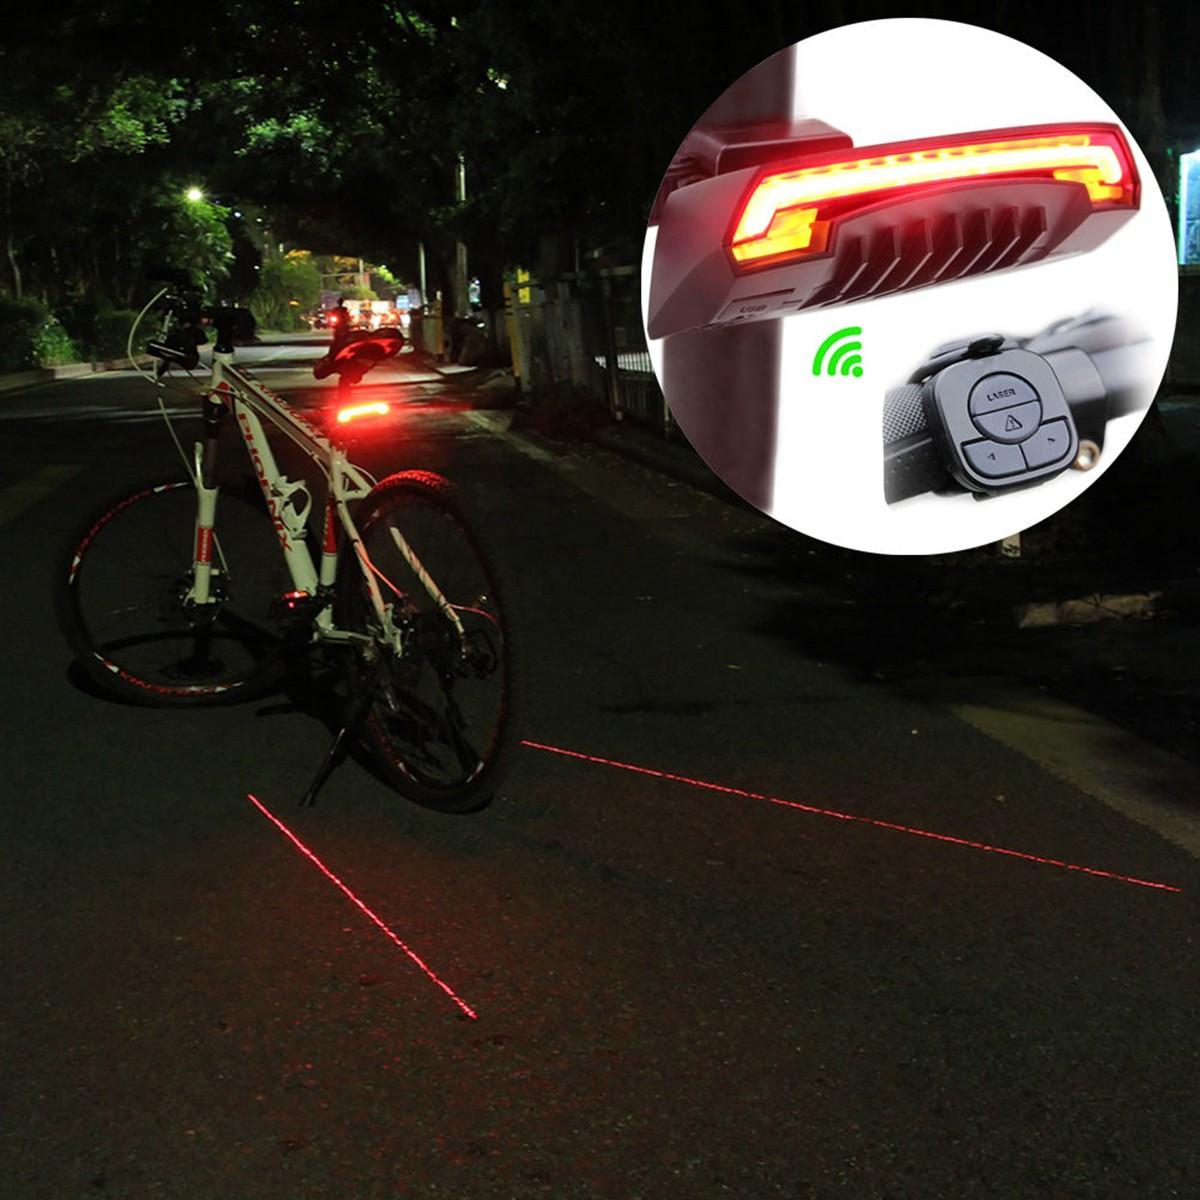 Laser Lane DEL Bike Light vélos sécurité nuit Cycle Rouge Faisceau Feu Arrière Avant